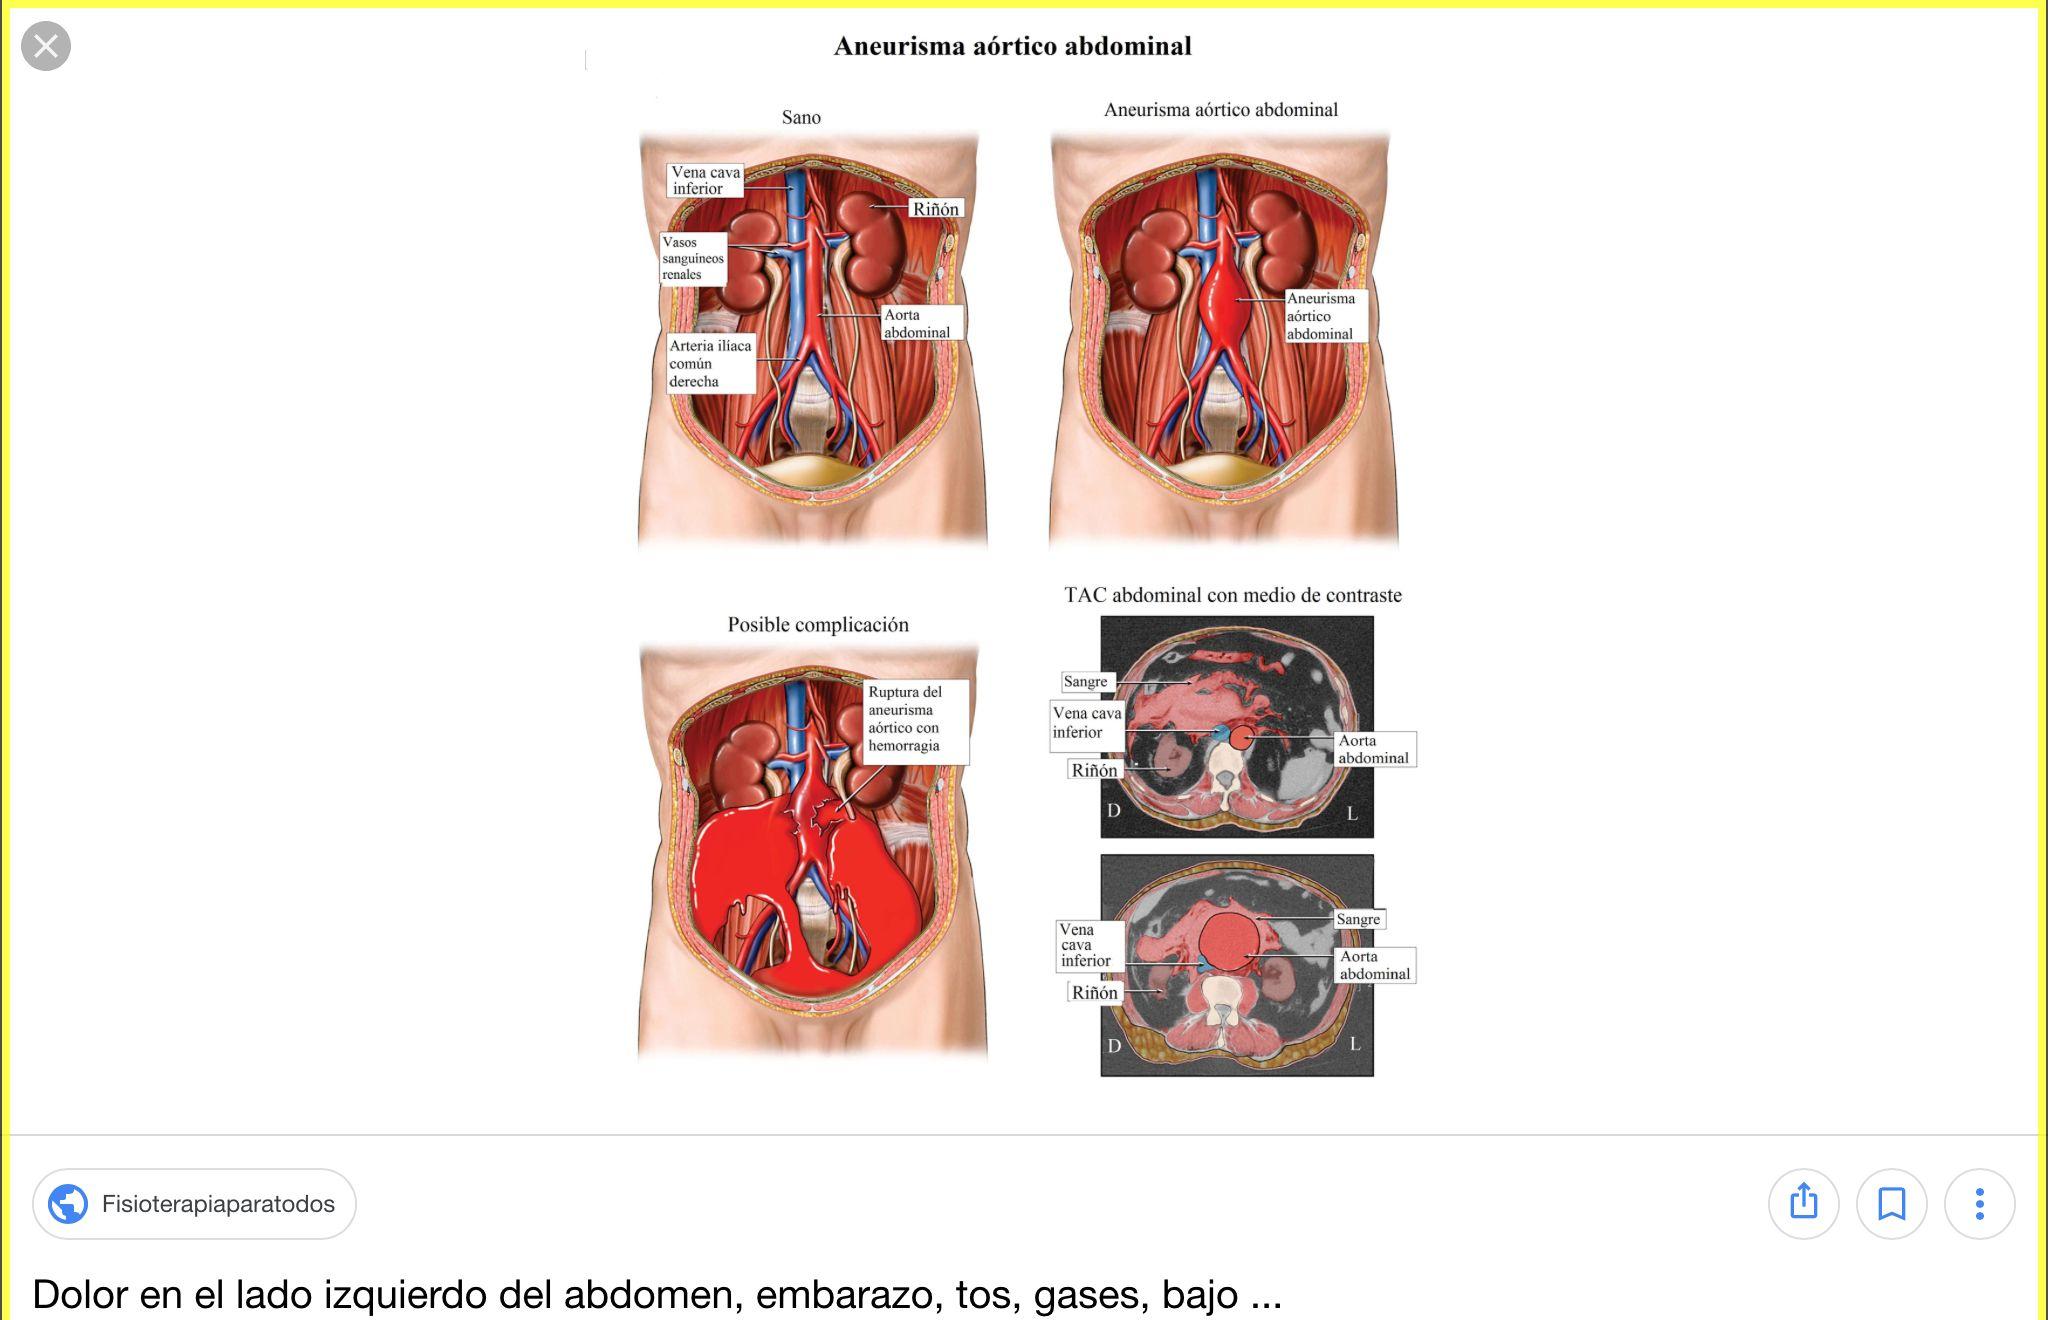 abdomen anatomia - Buscar con Google | Anatomia | Pinterest ...